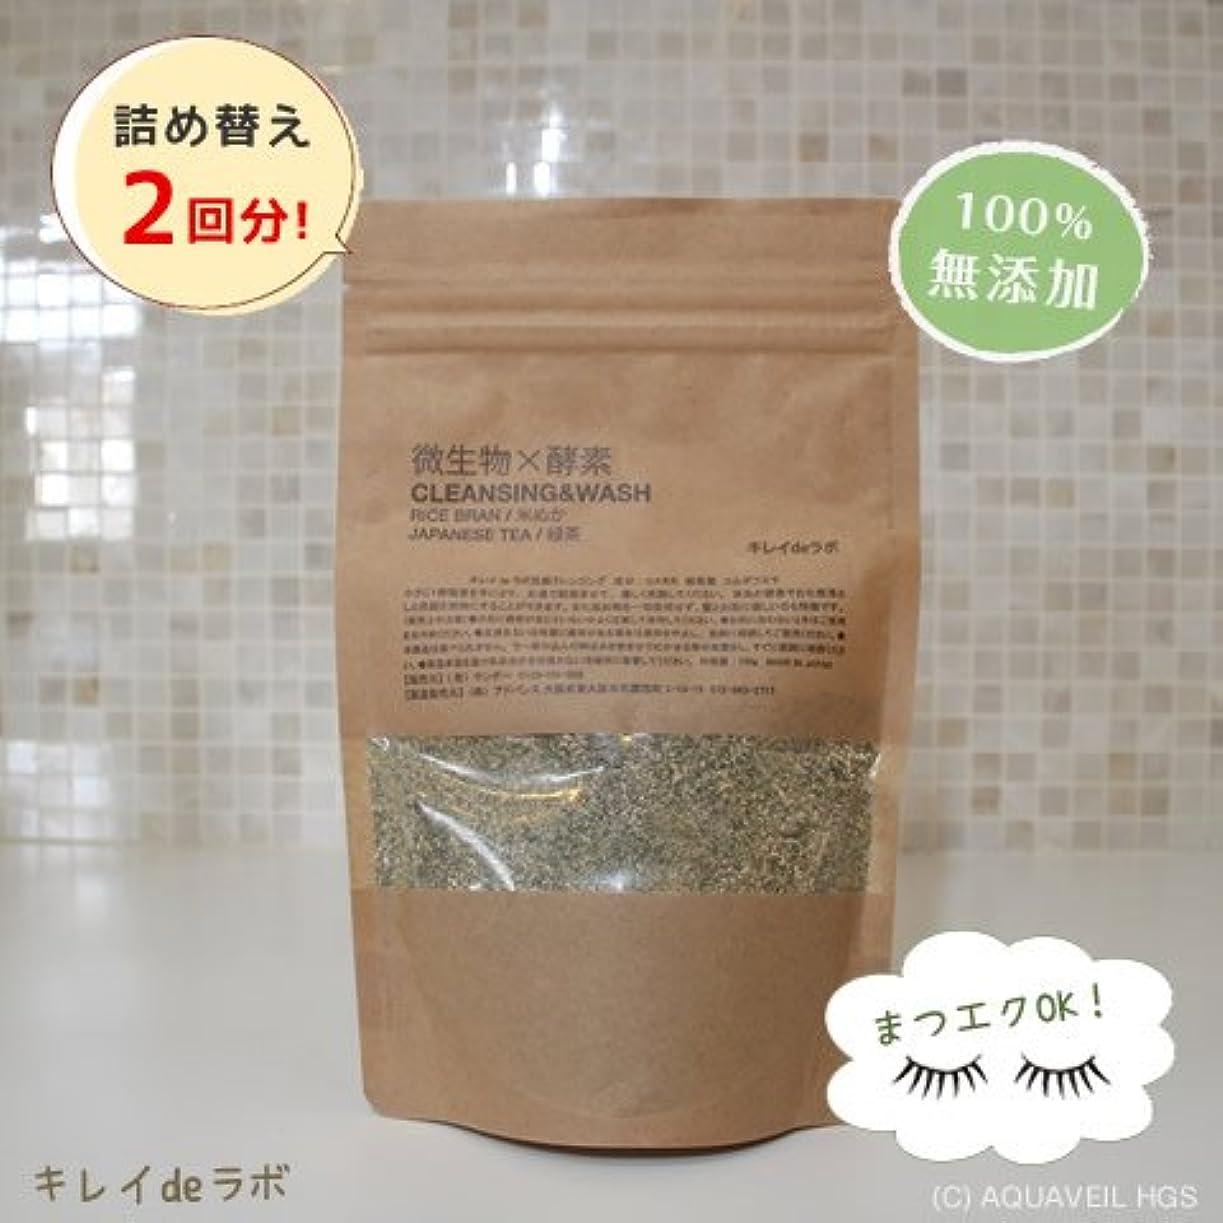 走る作り含める微生物×酵素 米ぬか緑茶洗顔クレンジング100%無添加 マツエクOK … (詰替え 150g) みんなでみらいを 米ぬか使用